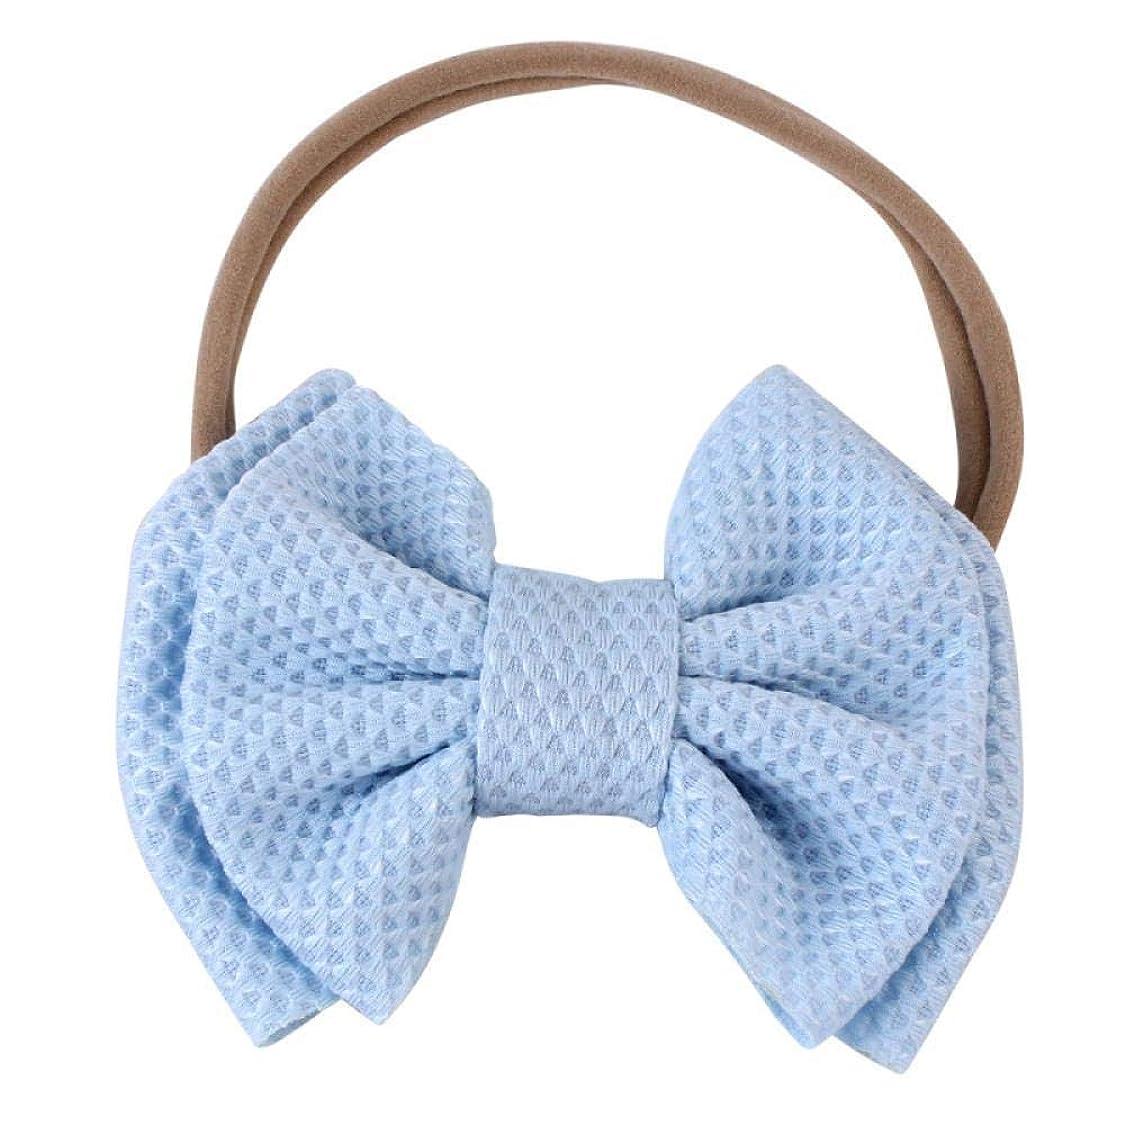 マイクロフォン成人期長椅子BXKEJI 赤ちゃんのヘッドバンド幼児のヘッドスカーフの赤ちゃんの女の子のヘッドギアヘアアクセサリー07